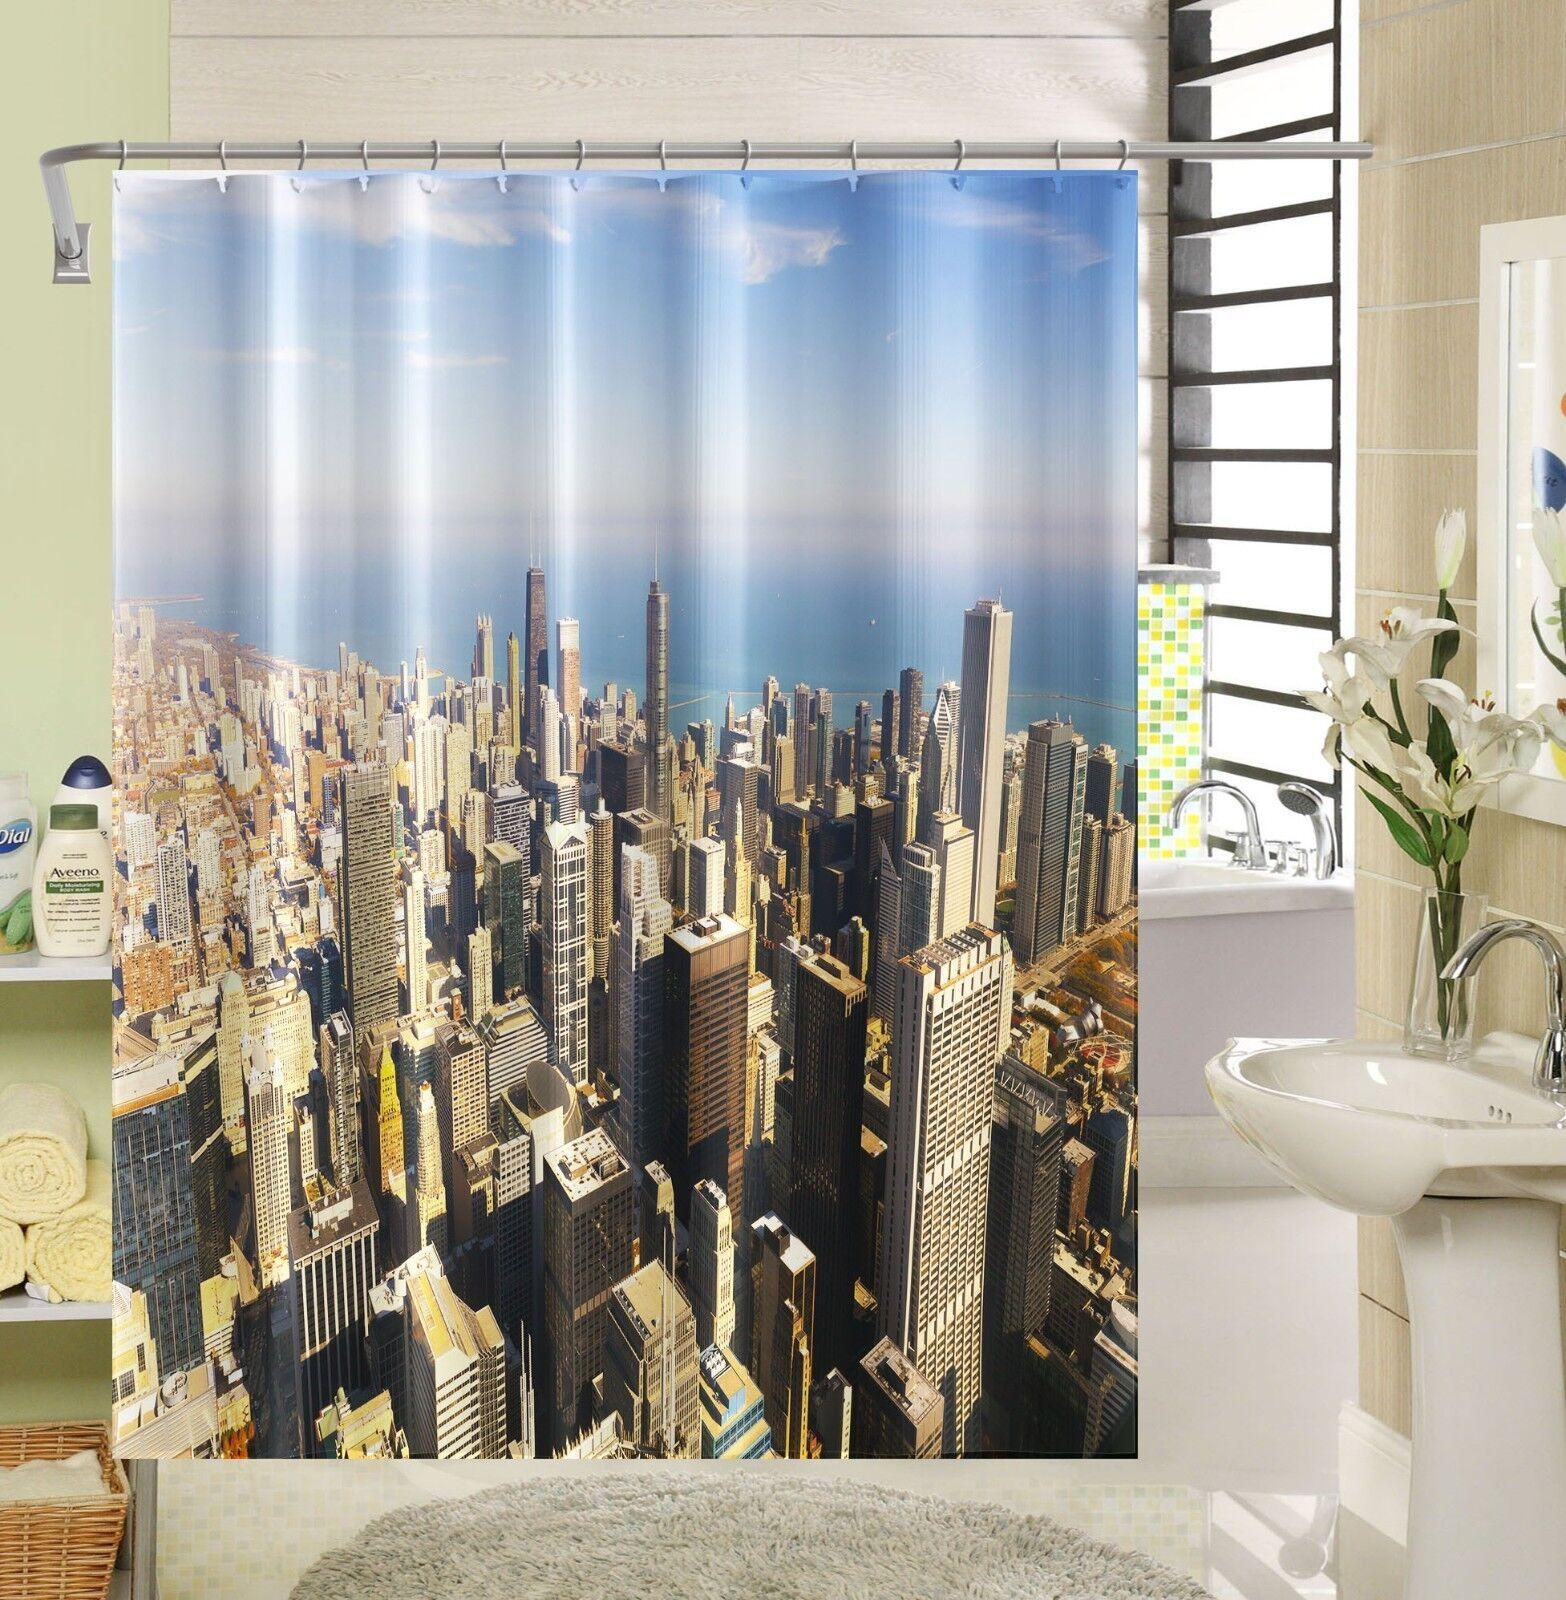 3D Modern Stadt Stadt Stadt 35 Duschvorhang Wasserdicht Faser Bad Daheim Windows Toilette DE   Ausgezeichnet    Starke Hitze- und Hitzebeständigkeit  09ff3e